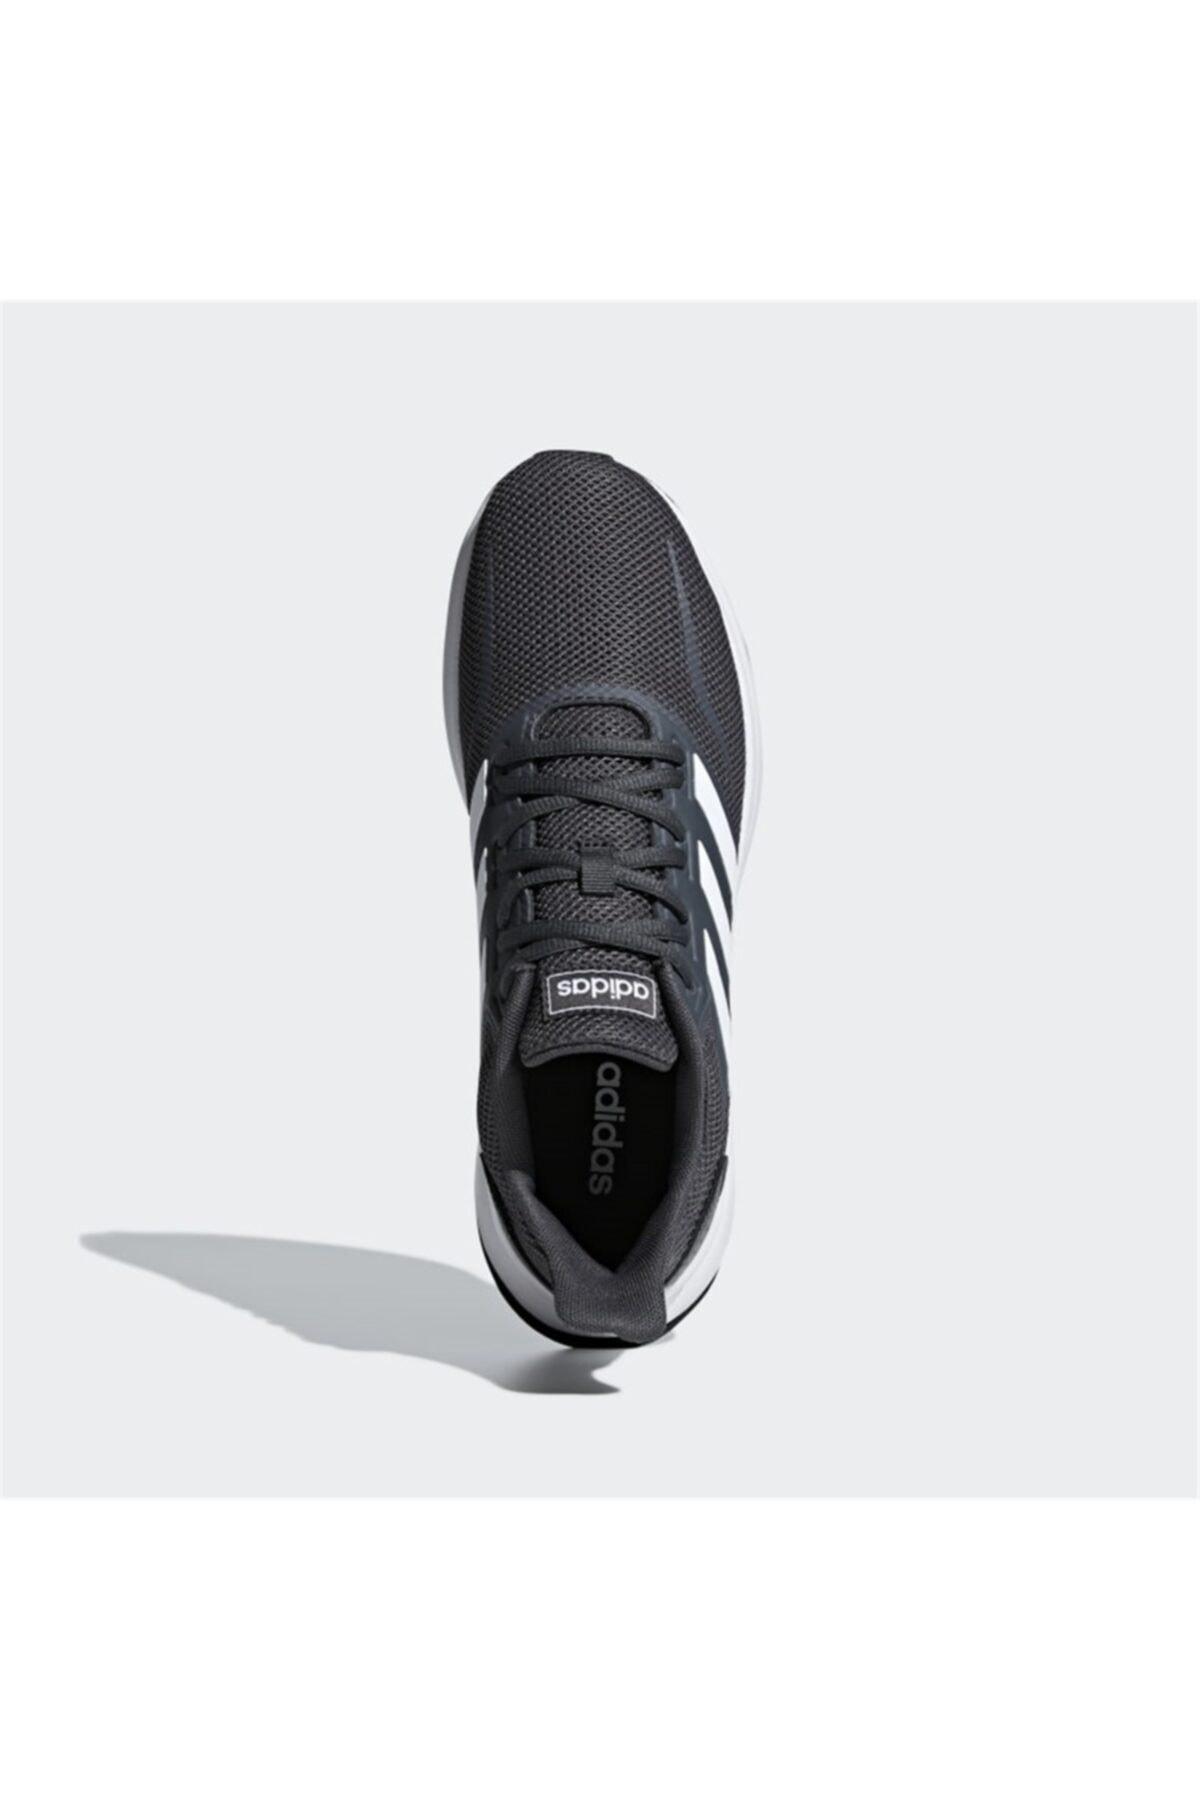 adidas F36200 Runfalcon 2